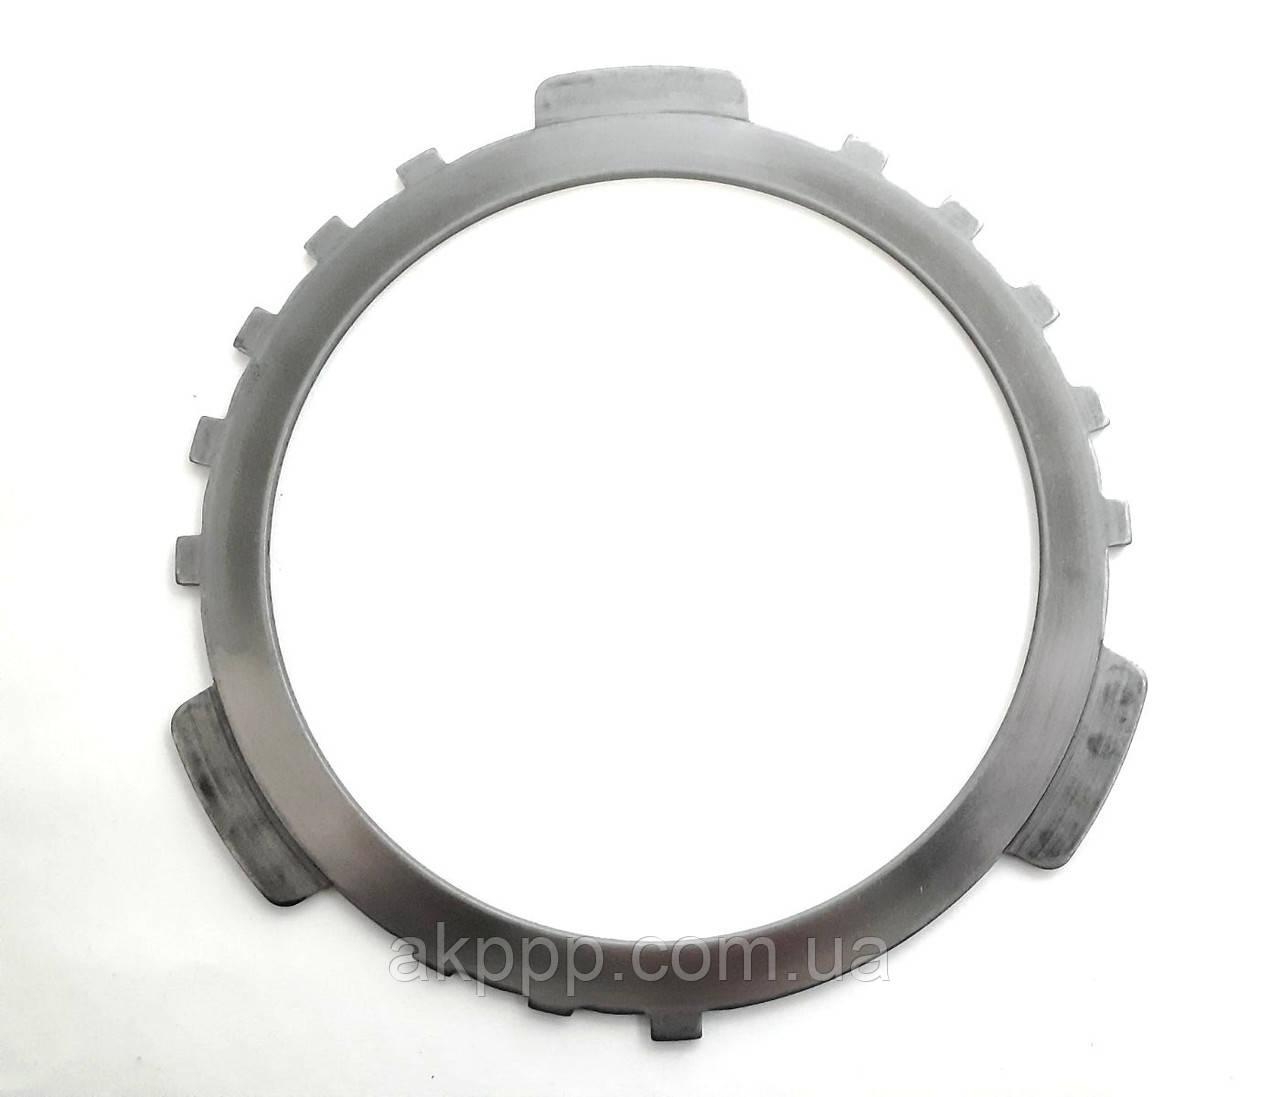 Диск прижимной B1 (3,1/3,2/3,3 мм) акпп U760E б/у